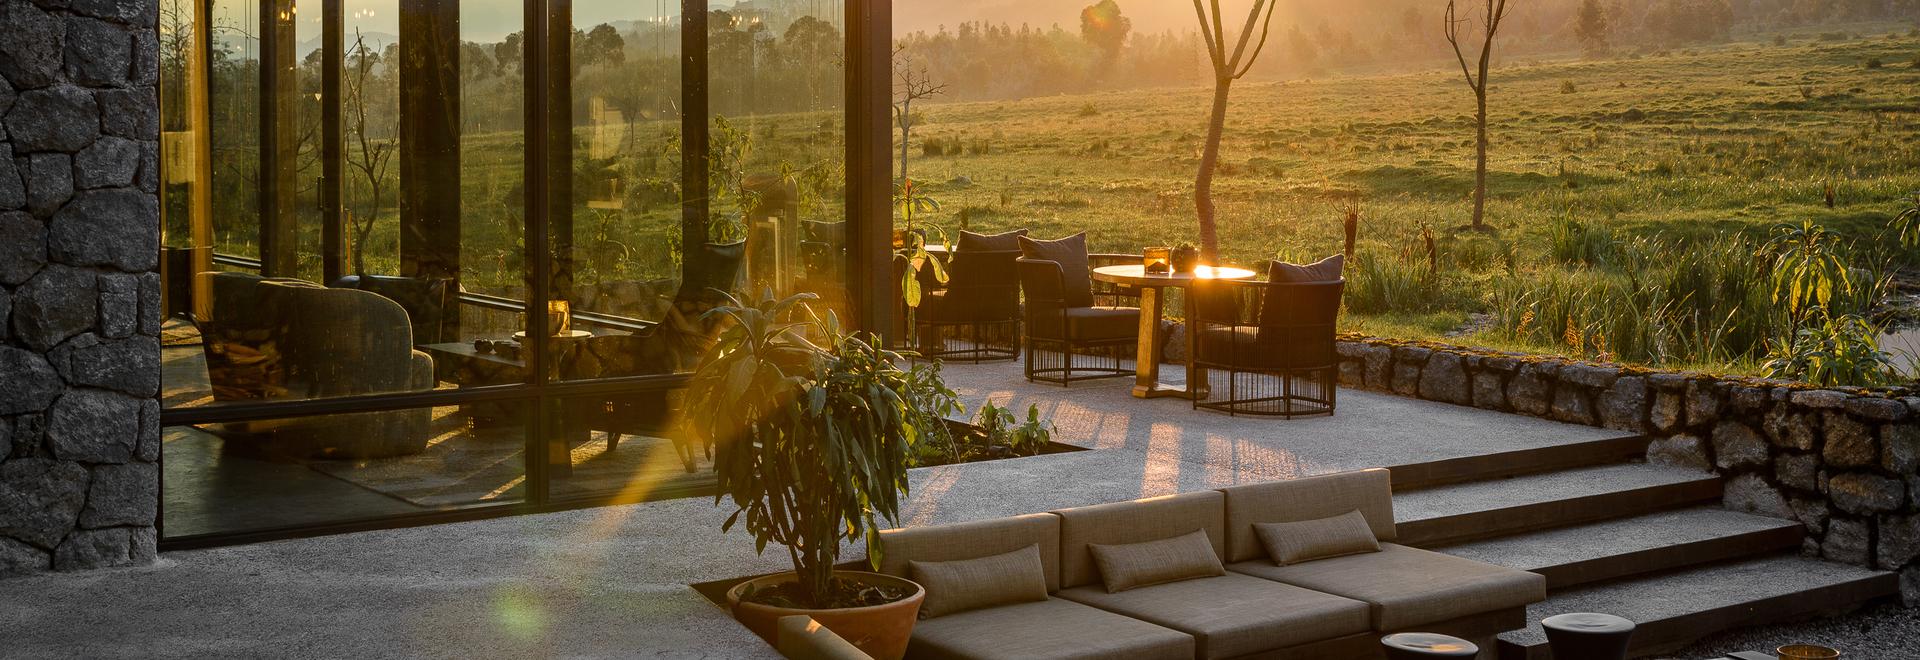 El Kwitonda Lodge de Singita trae lujo a los safaris africanos